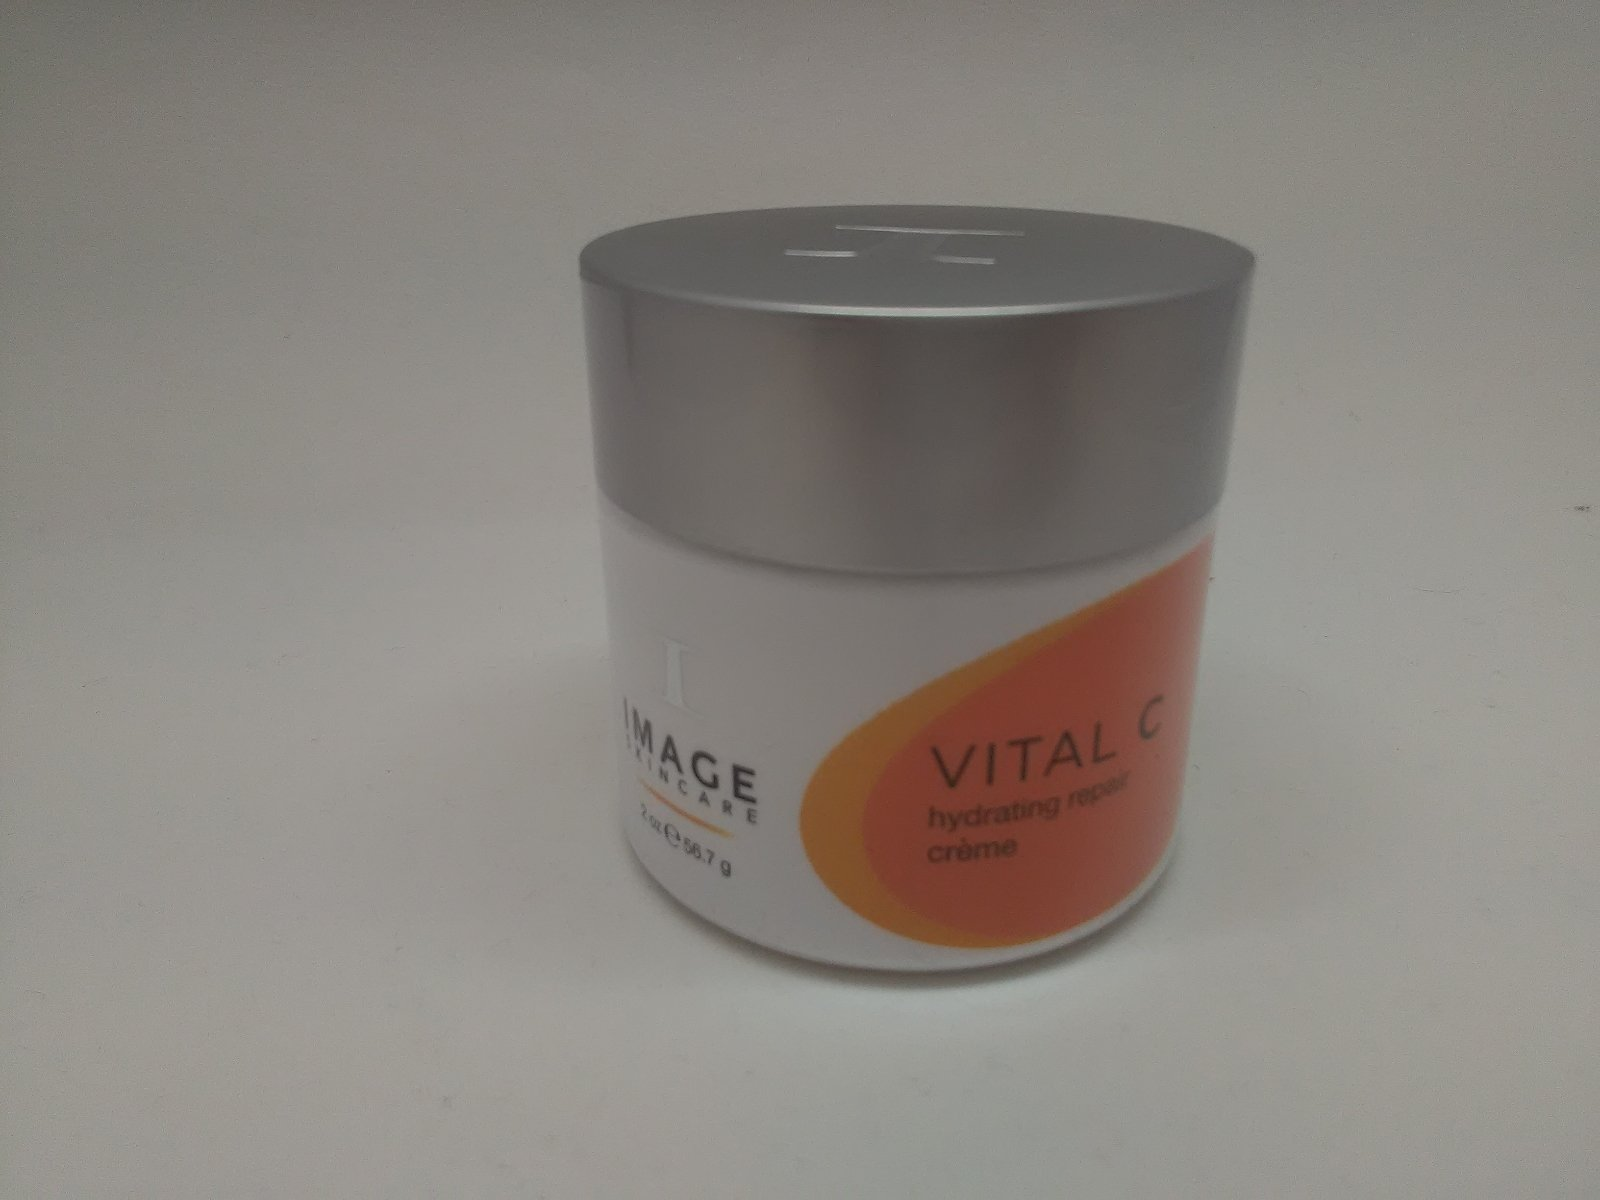 Image Skincare Vital C Hydrating Repair Crème, Fresh Squeezed Oranges, 2 oz.